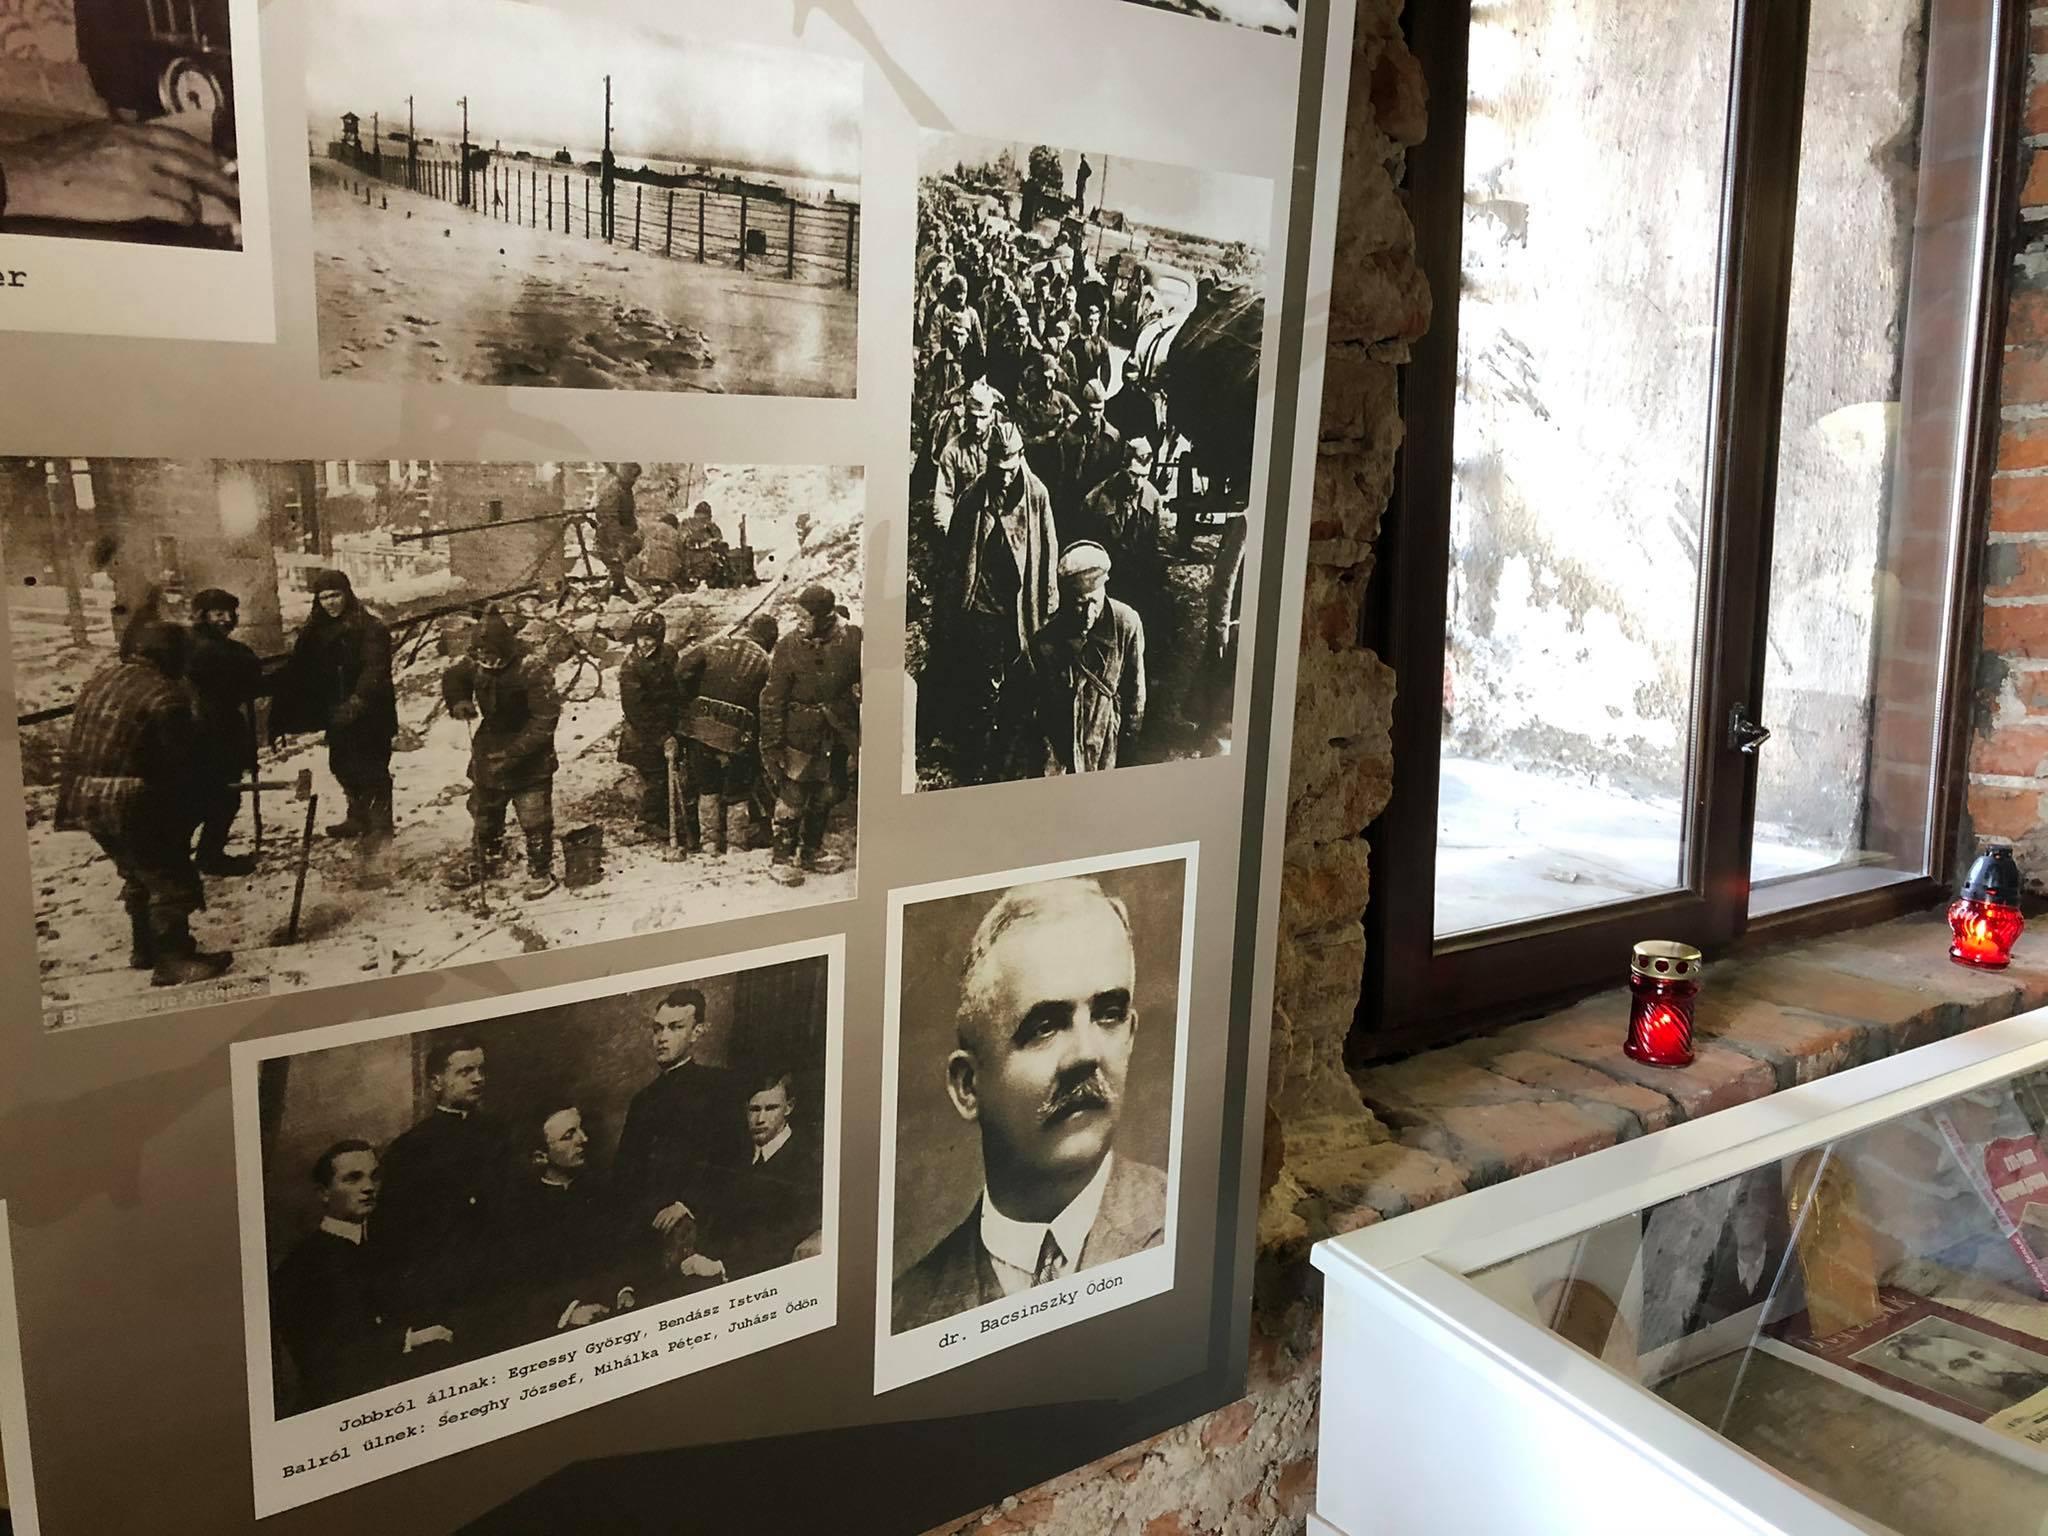 В Паланку відкрили експозицію матеріалів пов'язаних з репресіями комуністичного тоталітарного режиму.